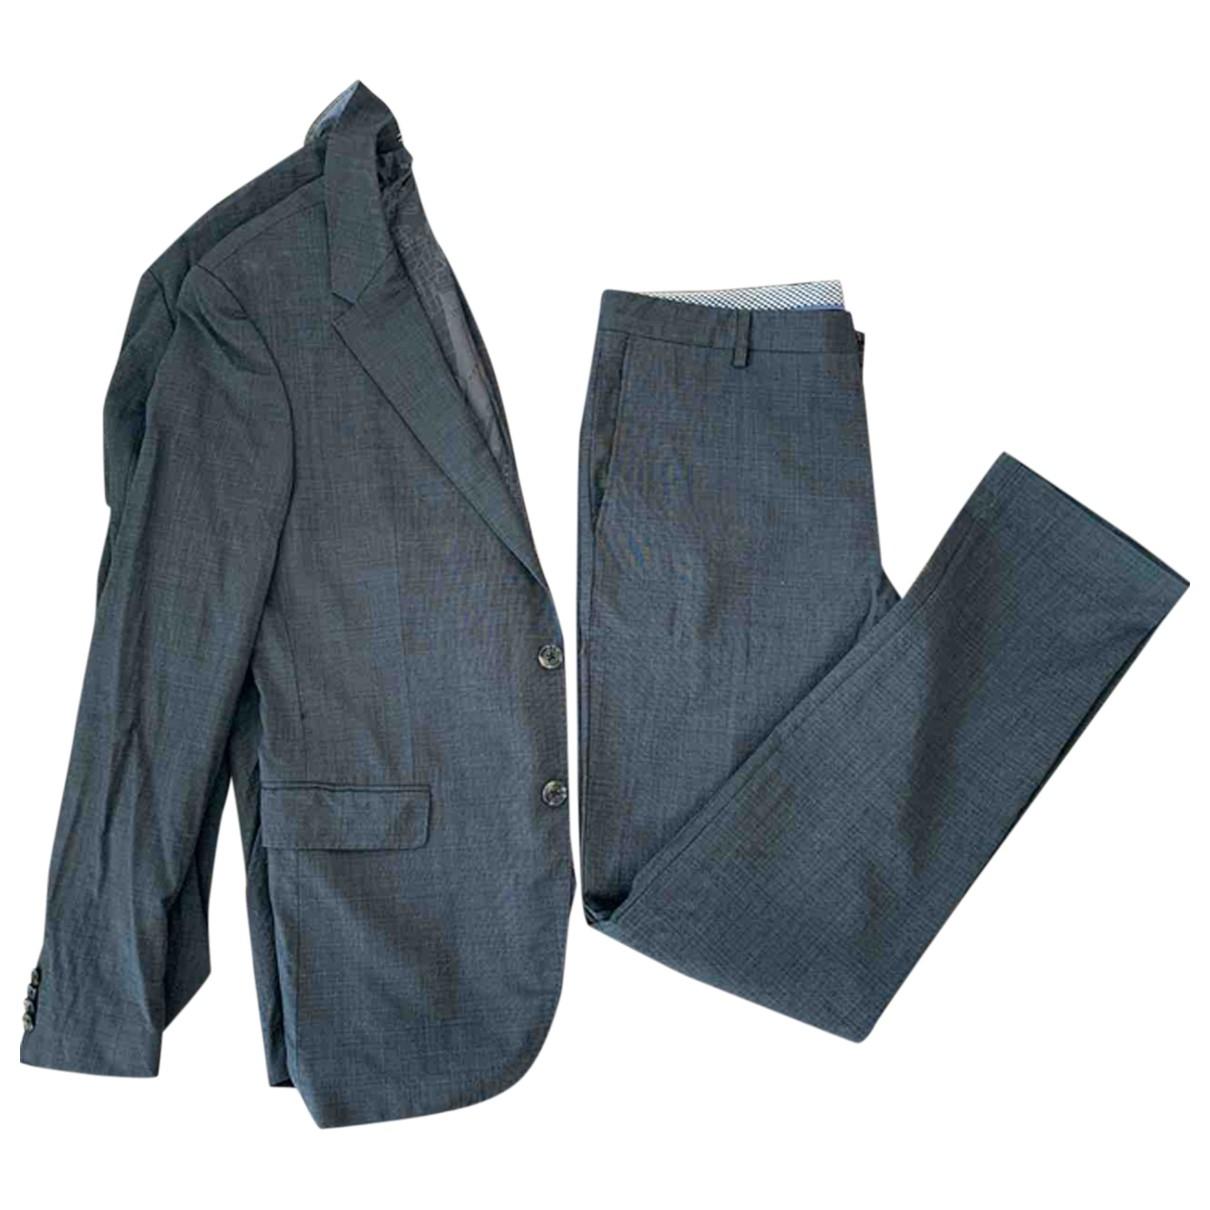 Tommy Hilfiger \N Grey Suits for Men L International